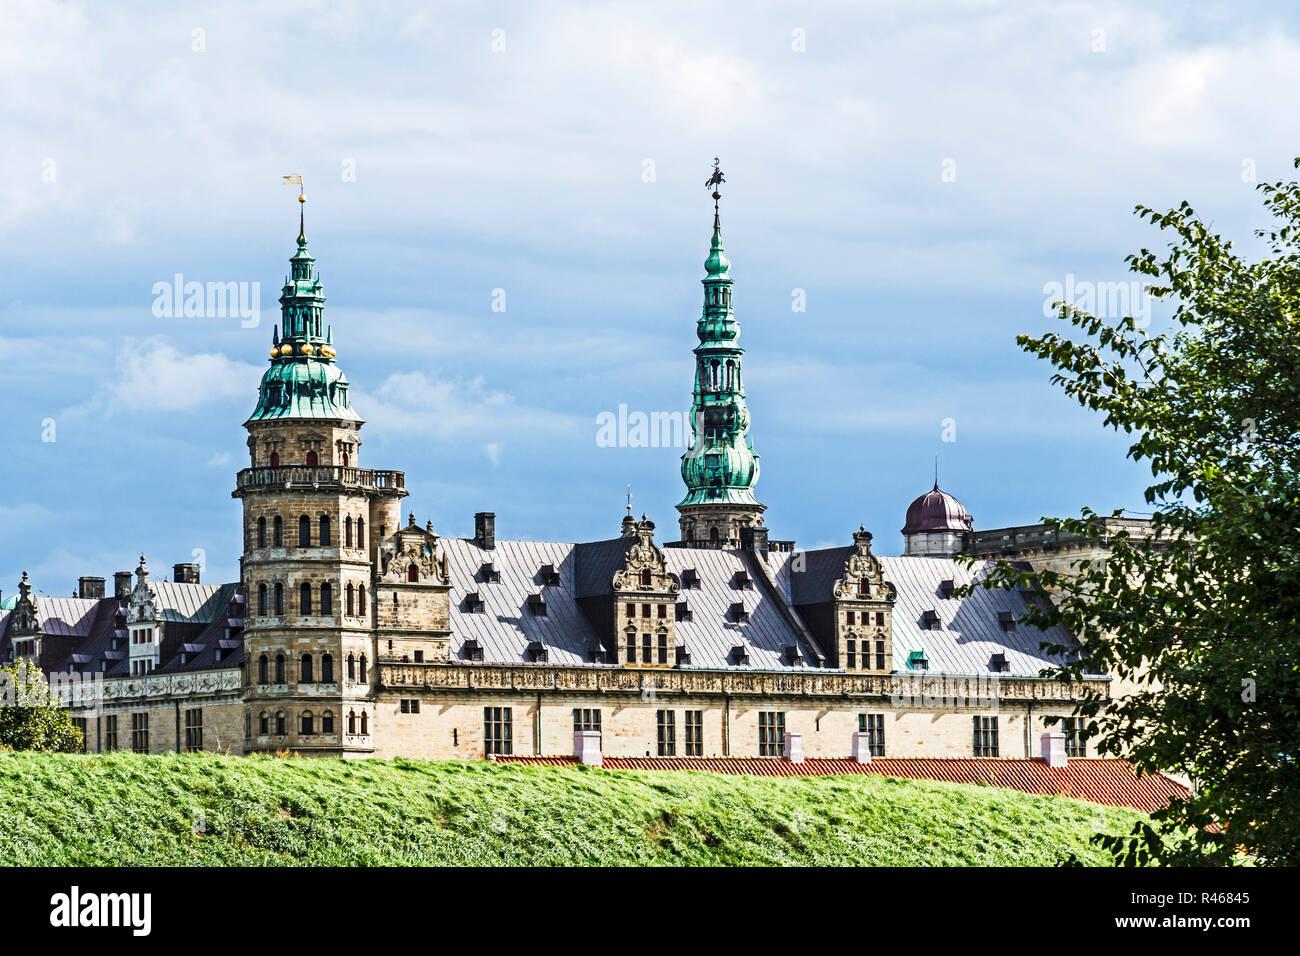 Dänemark: Schloss Kronborg vor Helsingör; Denmark: Helsingör , - Stock Image